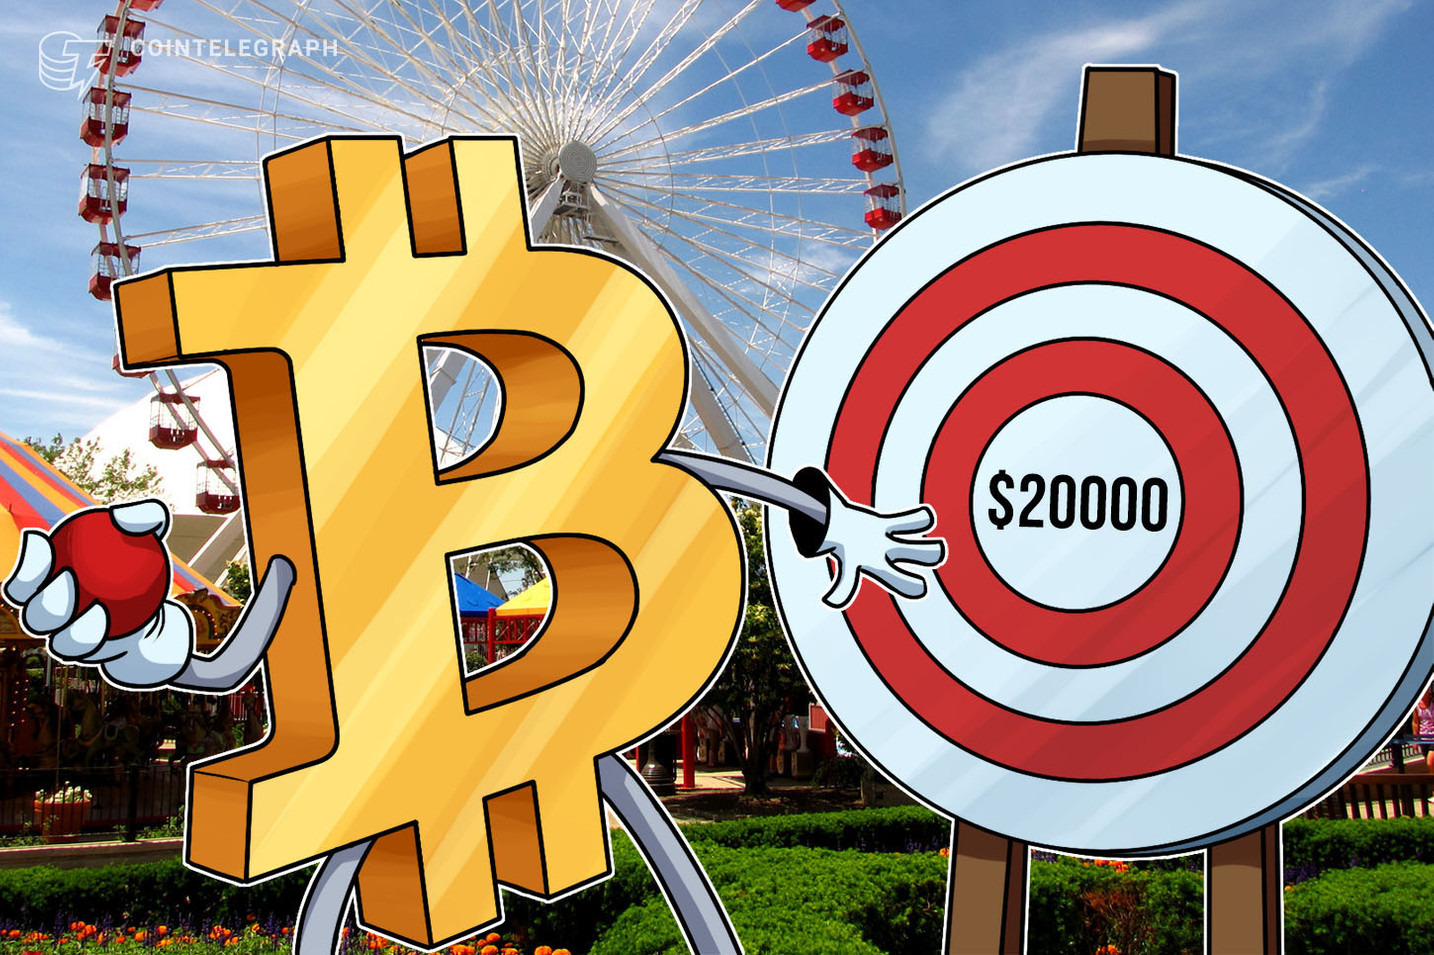 CEO von Schweizer Kryptobörse Shapeshift sieht Bitcoin vor Jahresende bei 20.000 US-Dollar